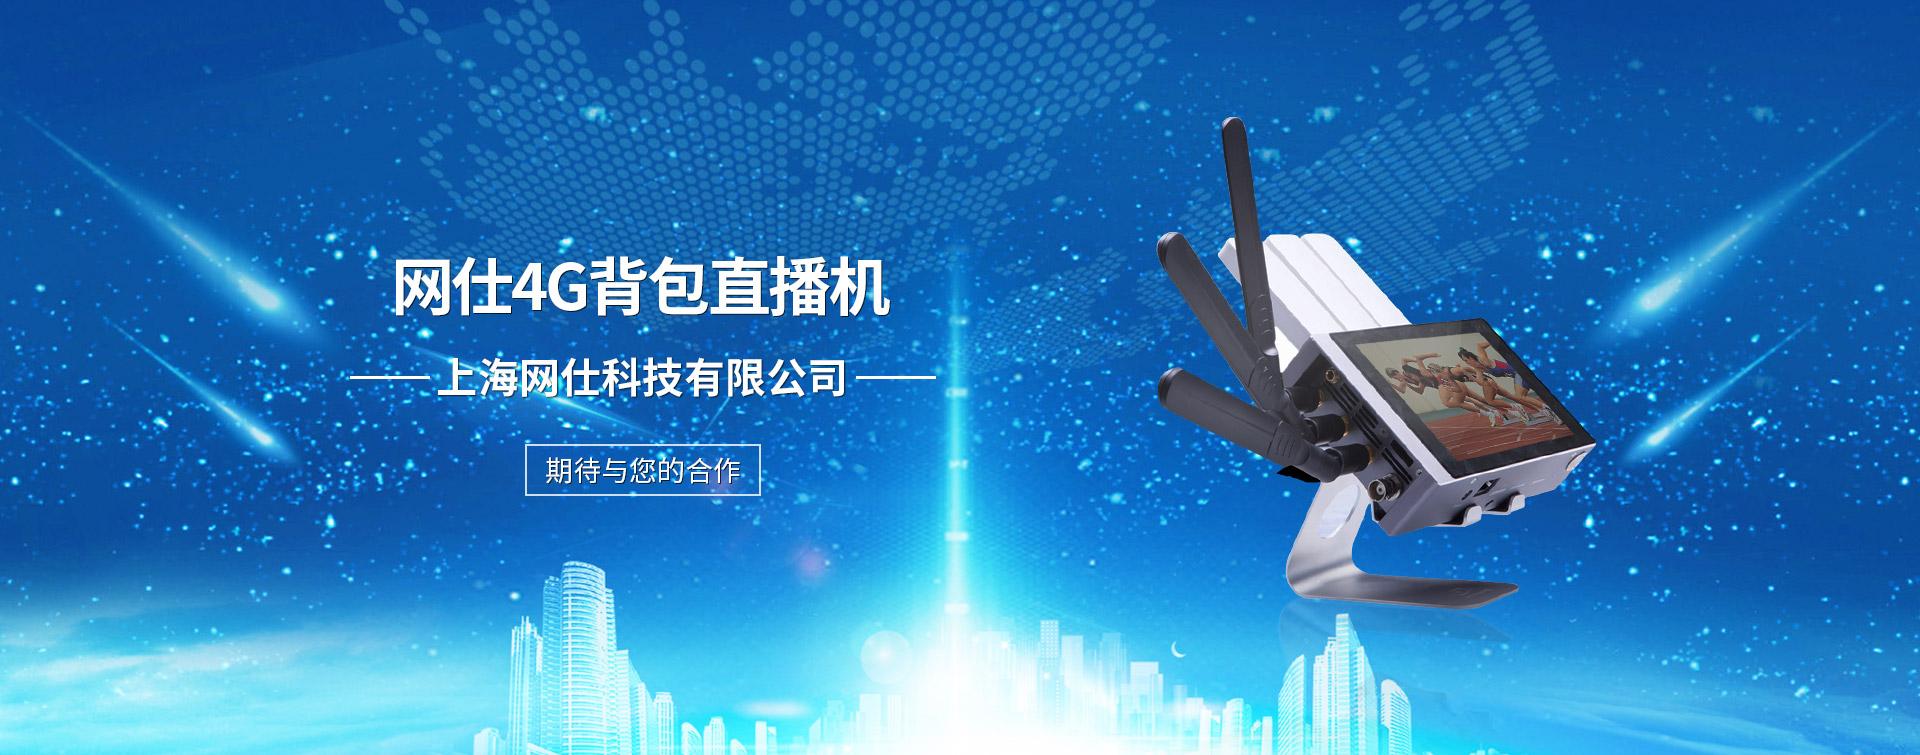 上海网仕科技有限公司